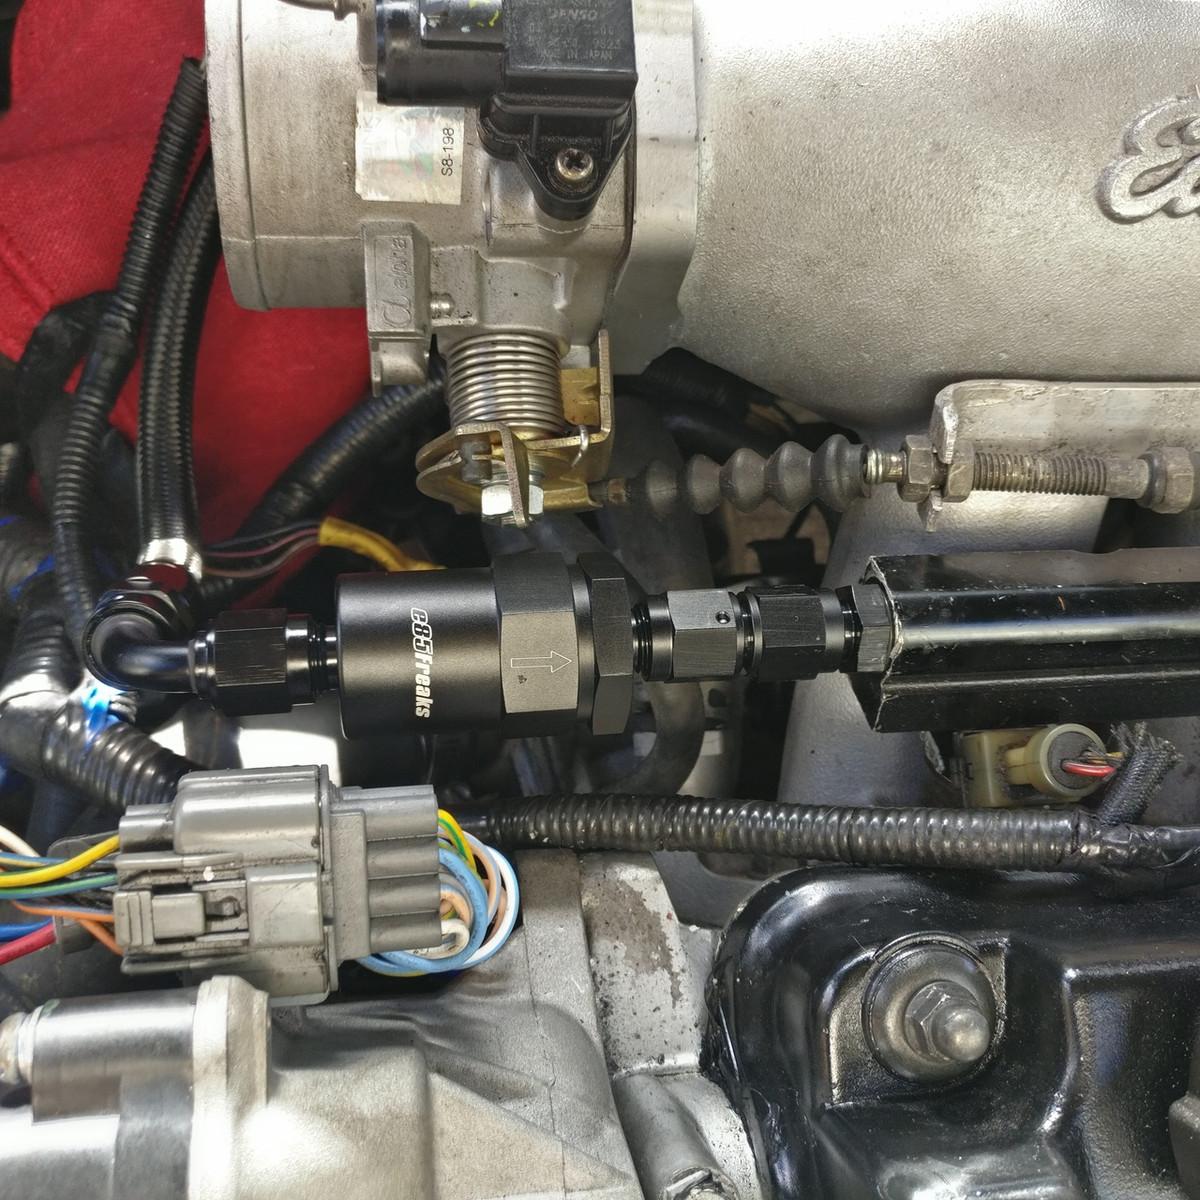 91 civic fuel filter manual e book diy inline fuel filter civic [ 1200 x 1200 Pixel ]